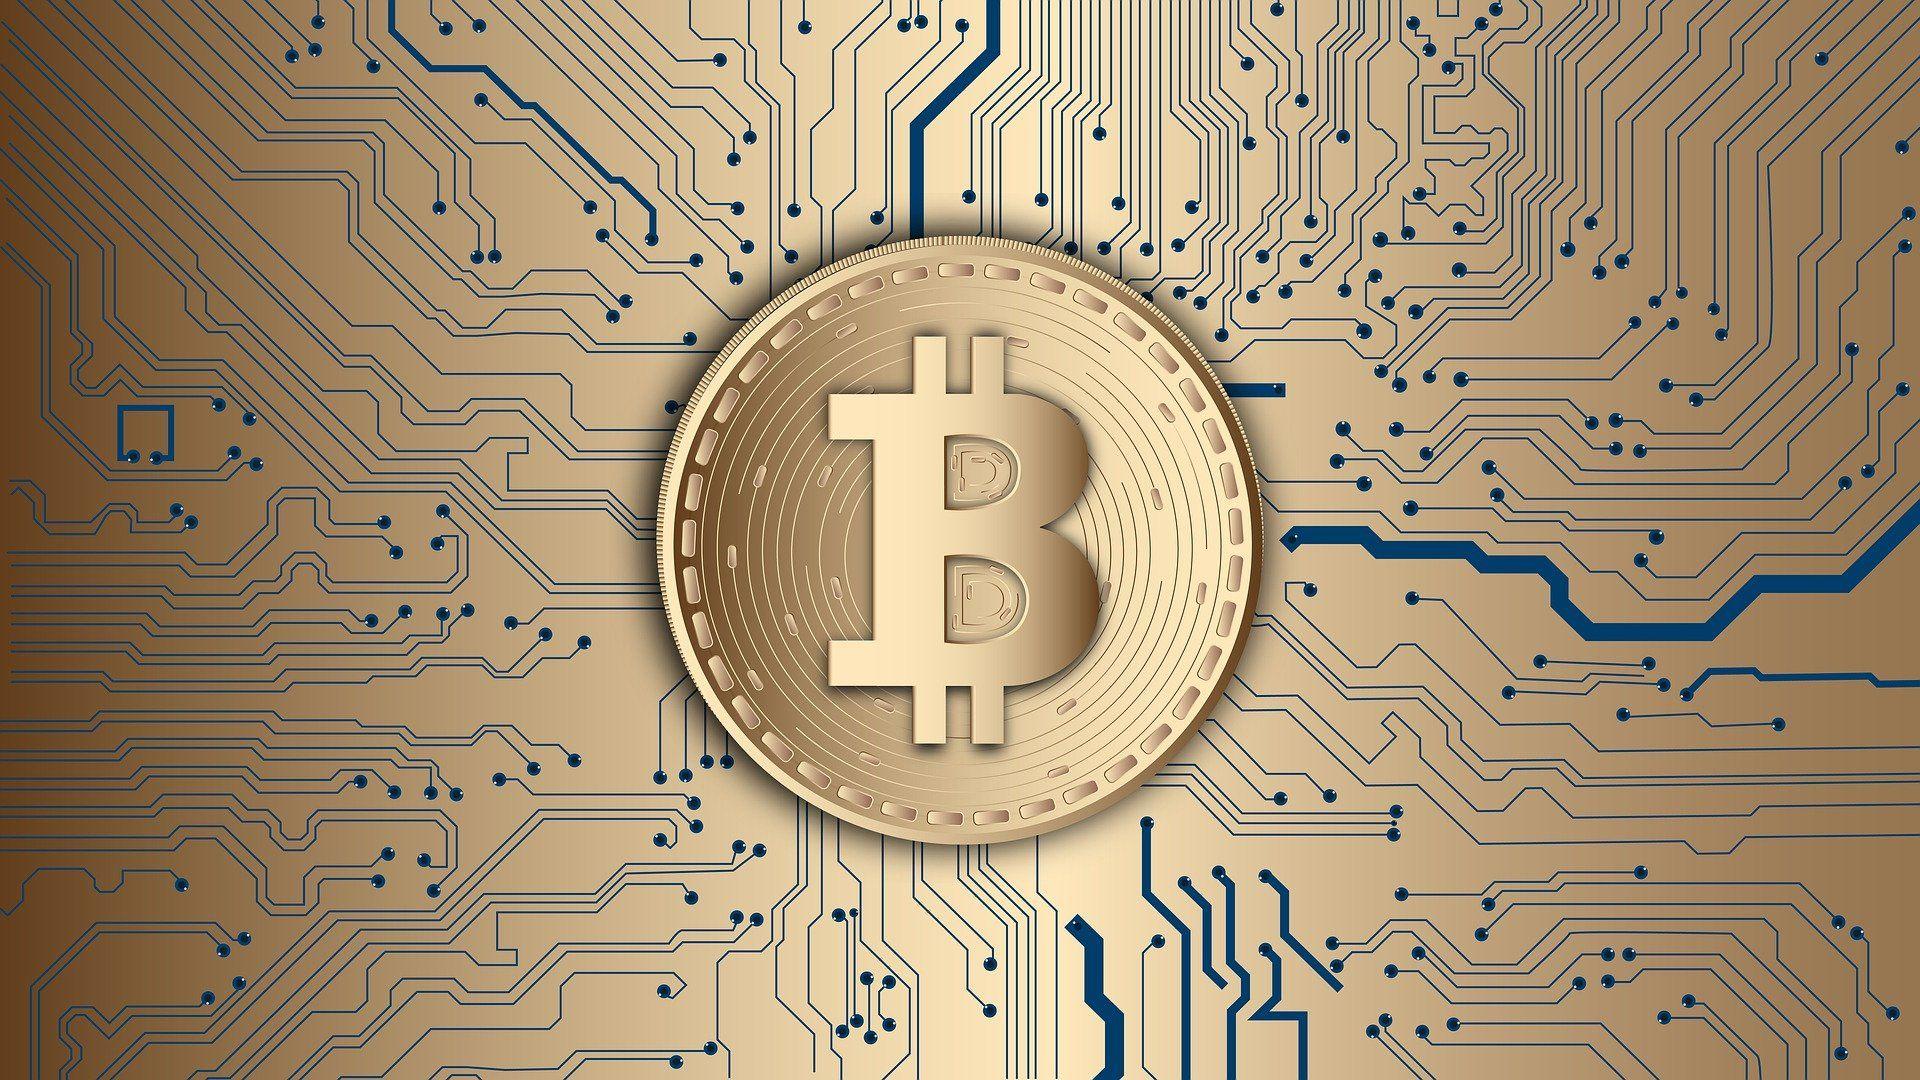 Der Bitcoin bestimmt seit seinem fulminanten Anstieg die Headlines